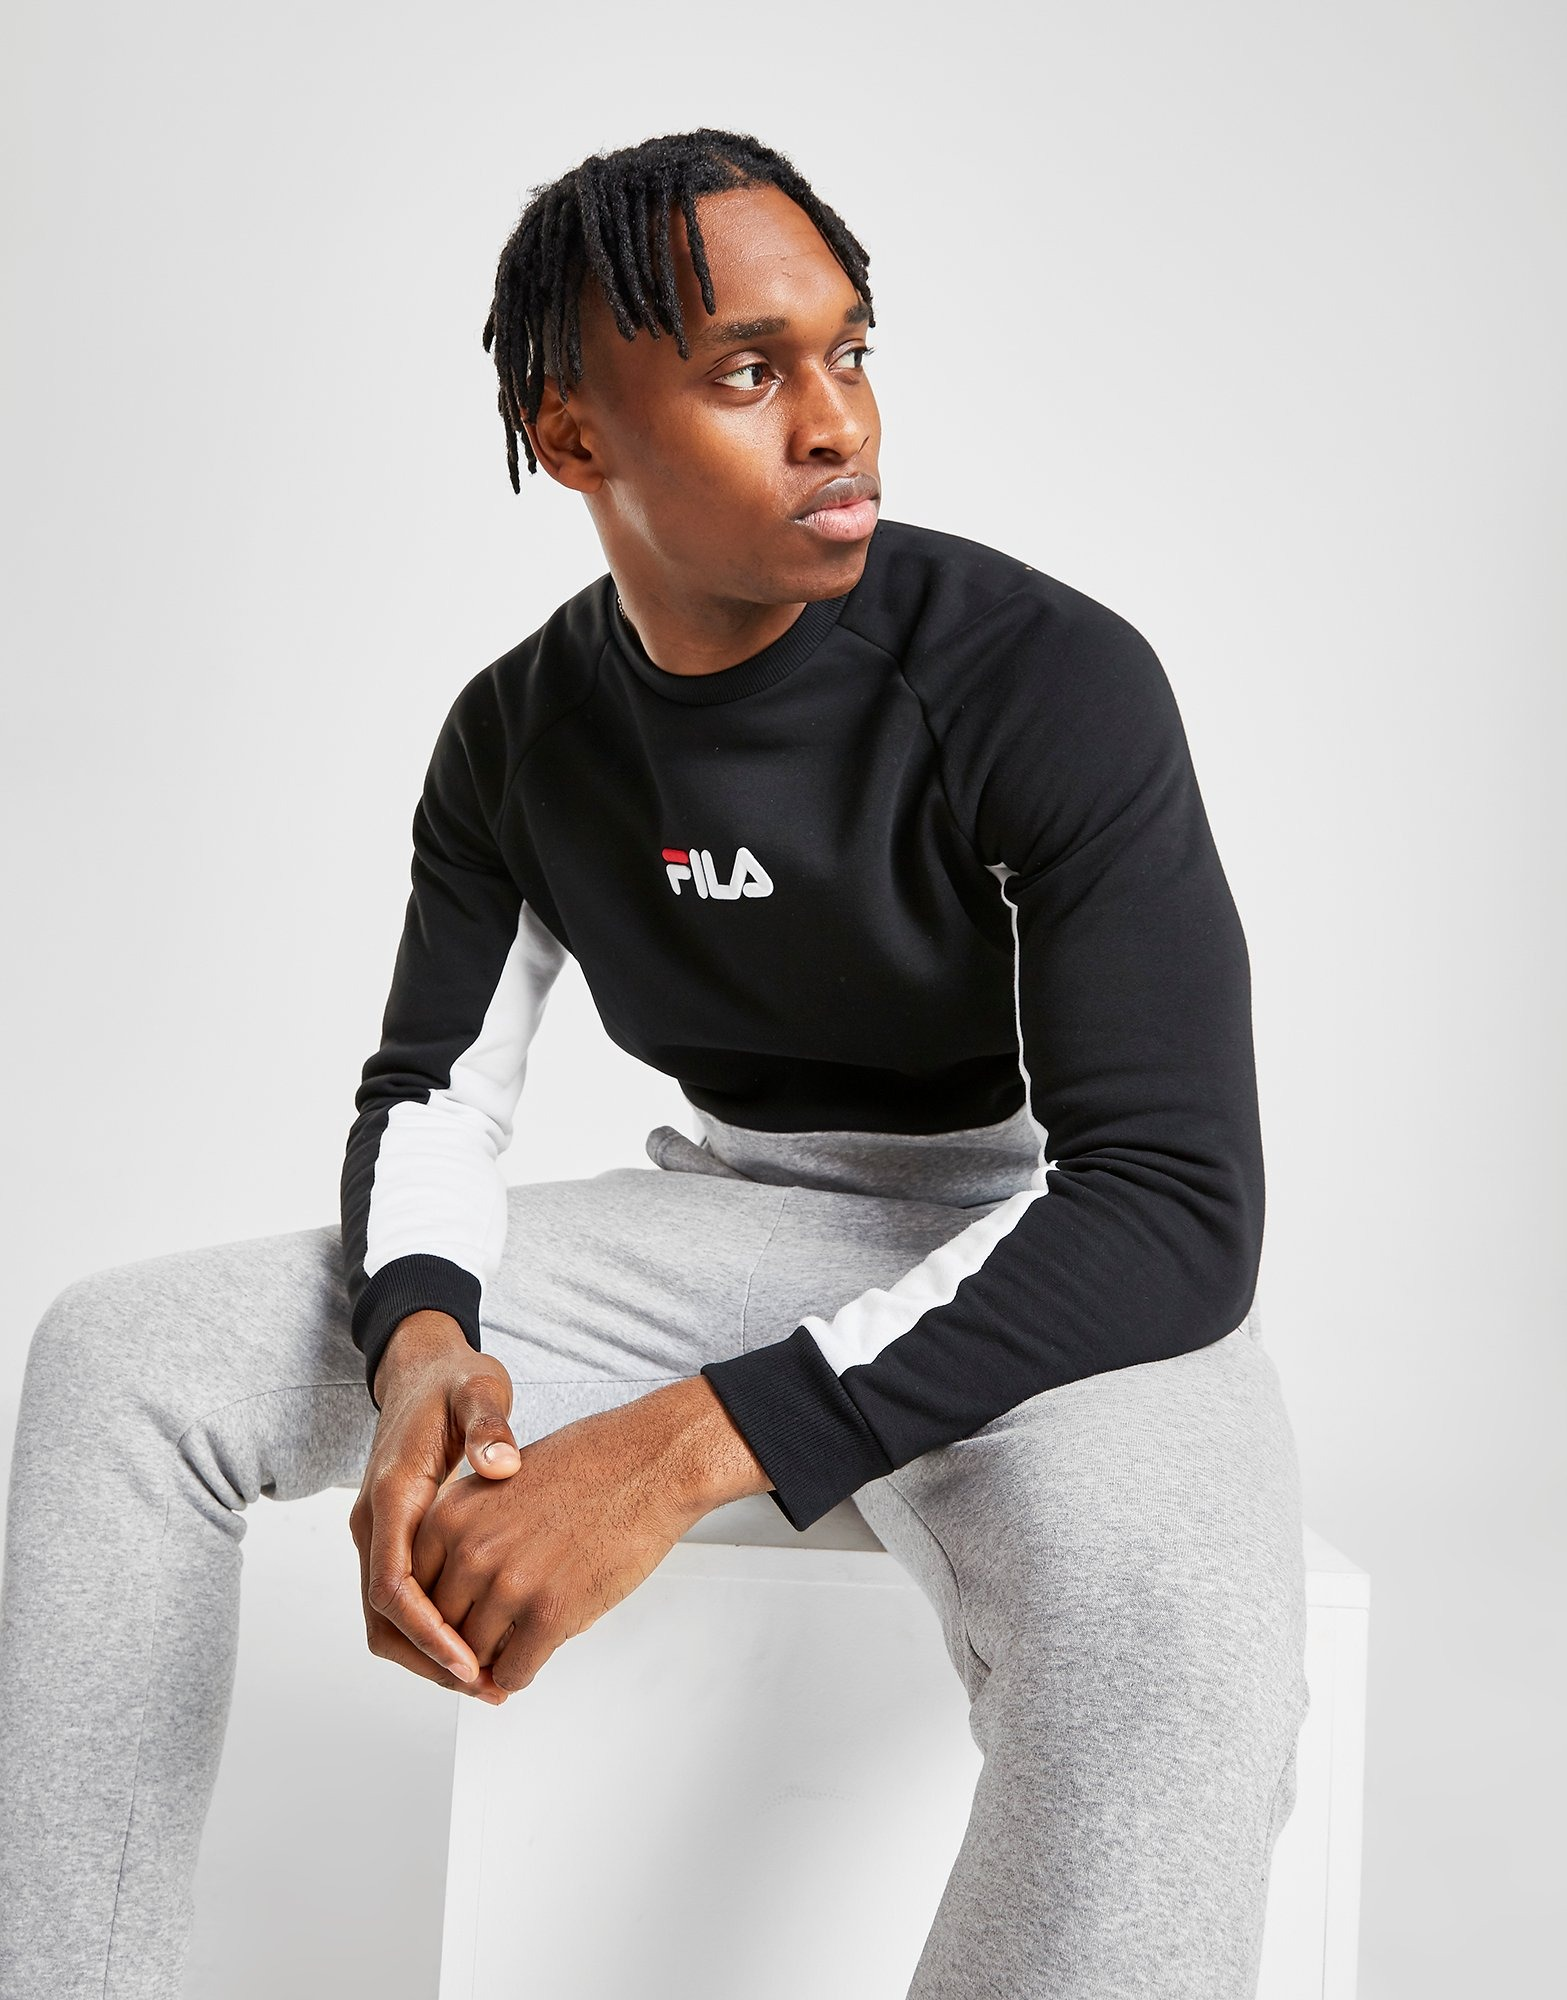 Fila Finch Crew Sweatshirt | JD Sports Sverige